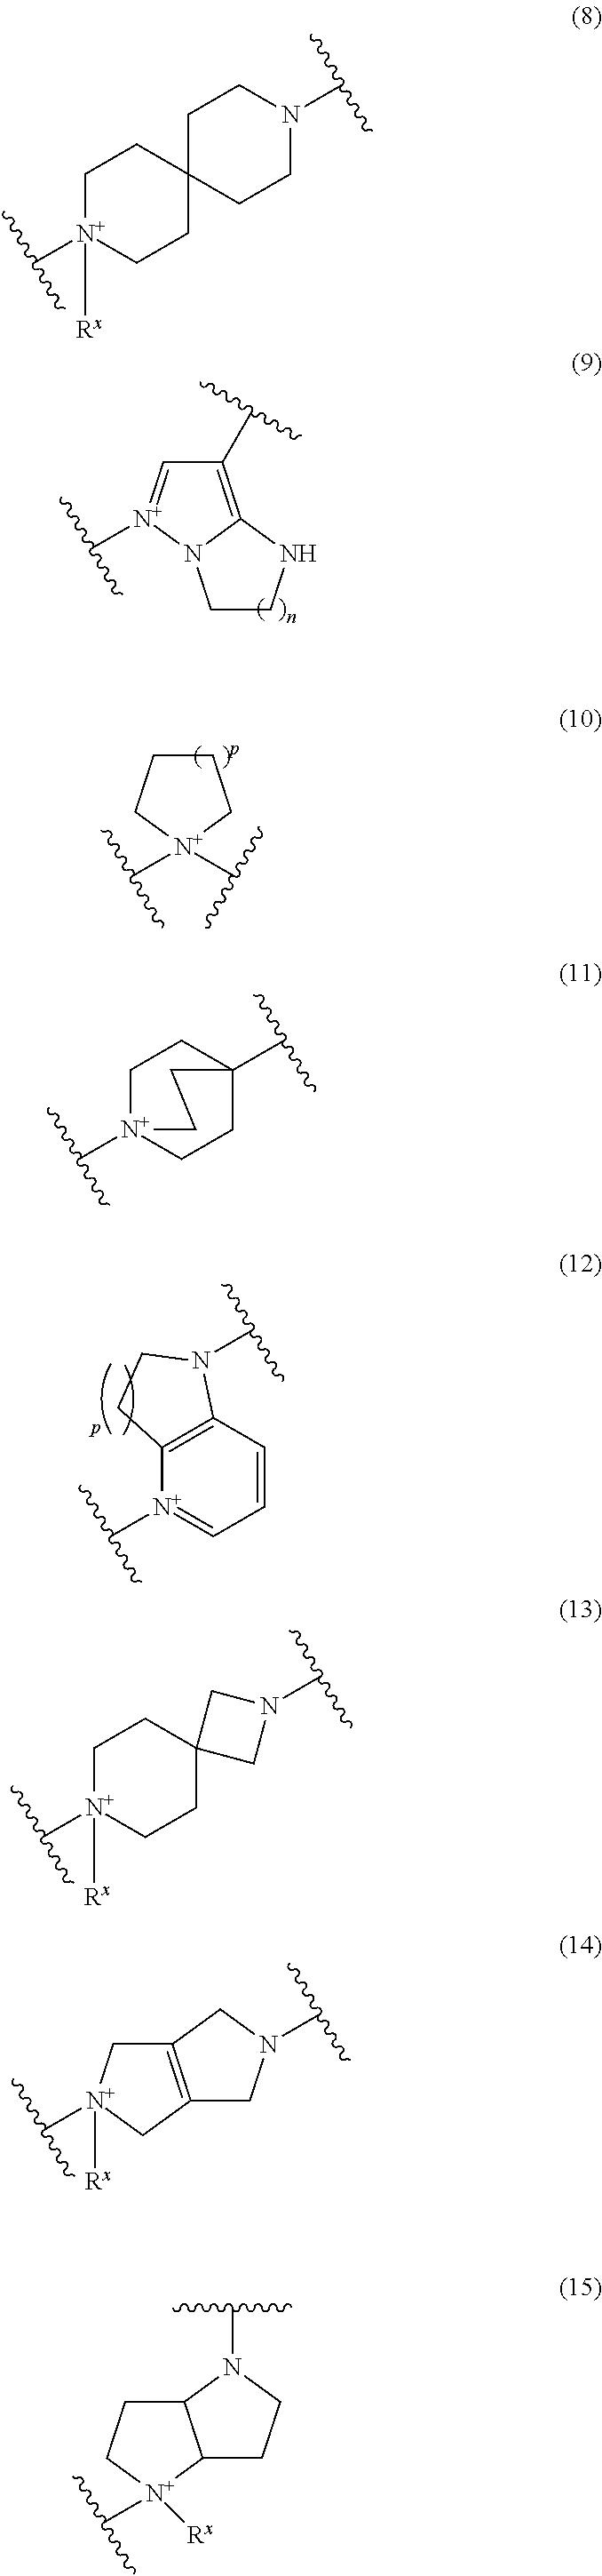 Figure US08883773-20141111-C00005